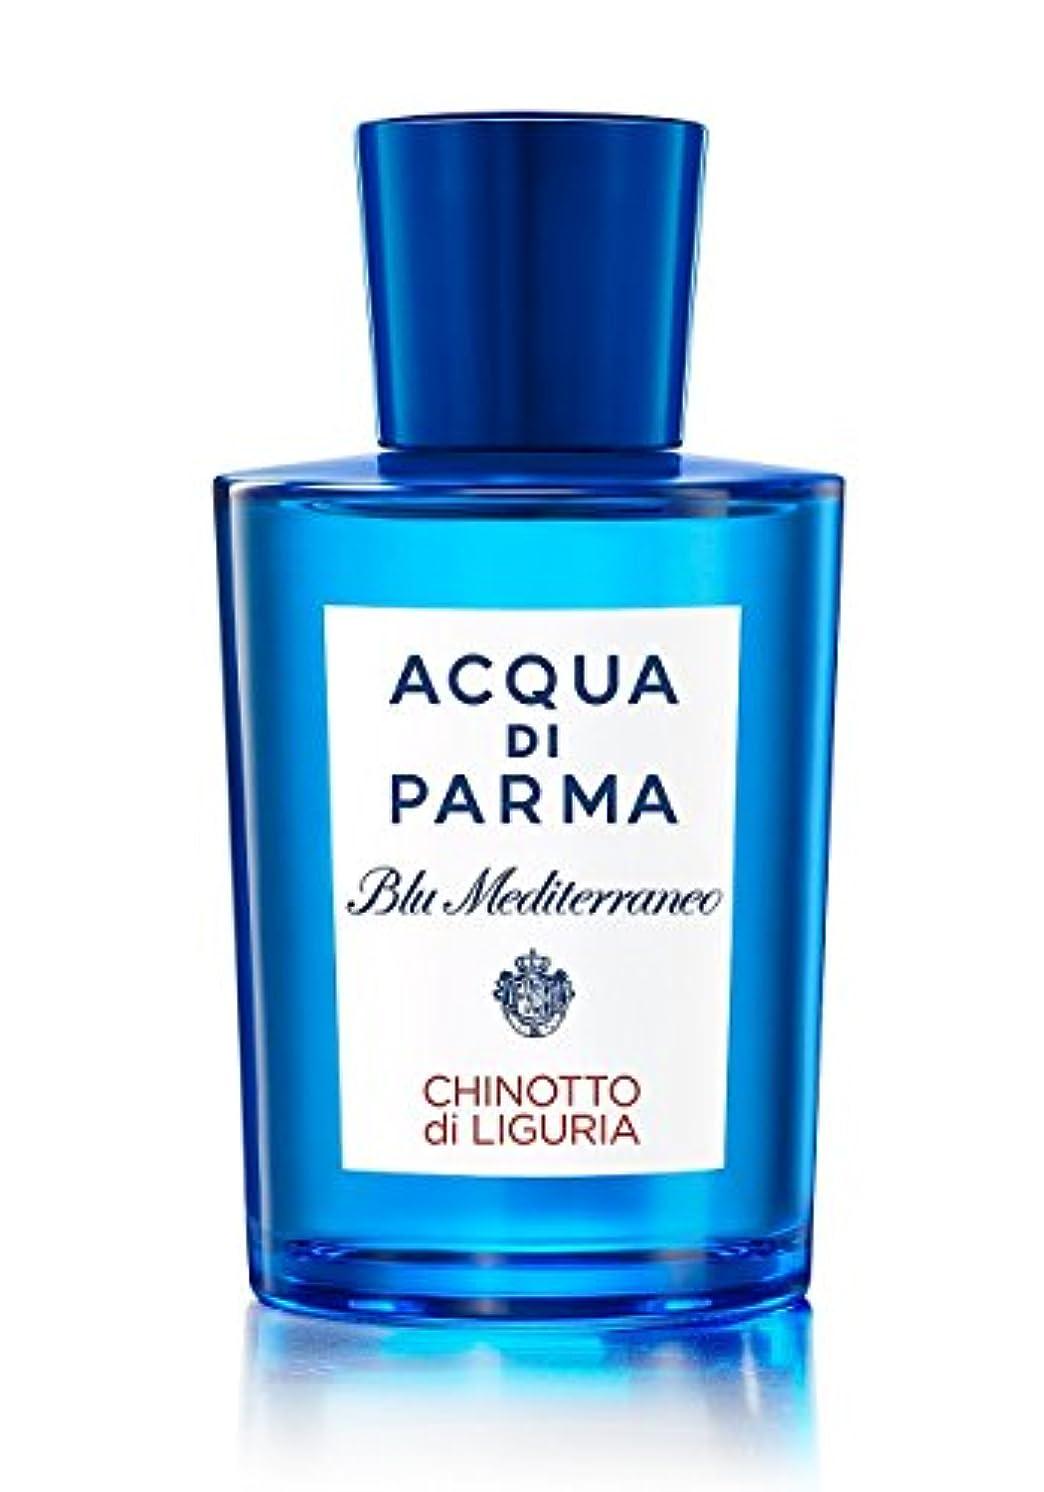 鉛サミュエルプレーヤーアクアディパルマ Blu Mediterraneo Chinotto Di Liguria Eau De Toilette Spray 150ml/5oz並行輸入品